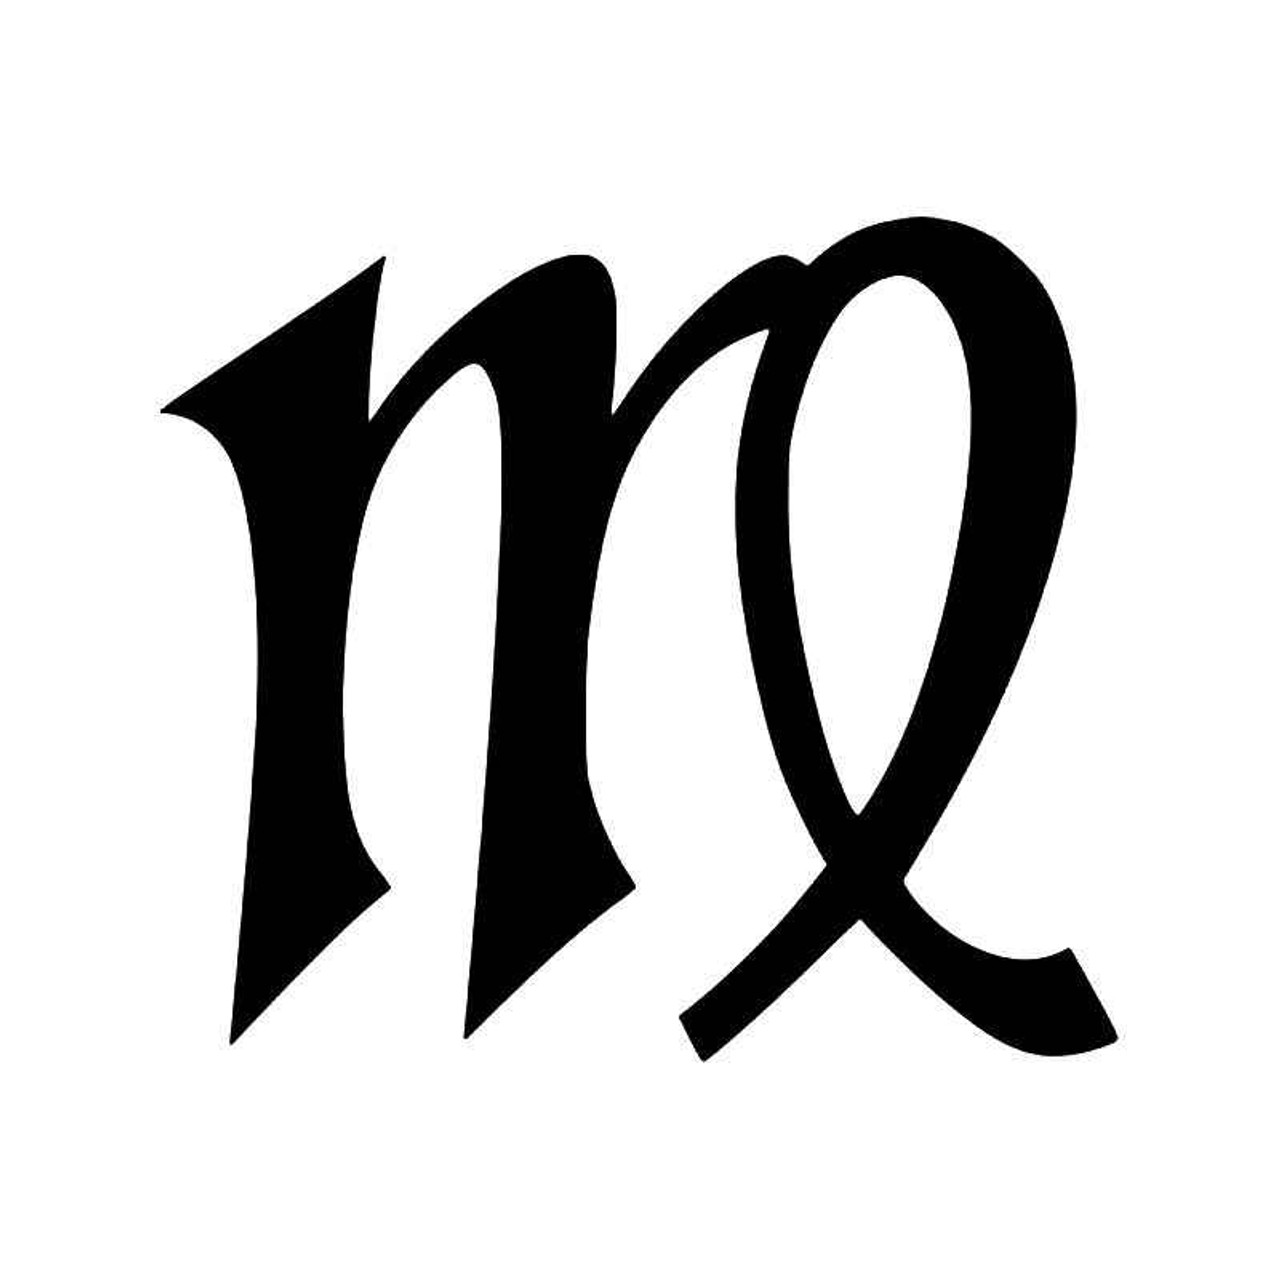 virgo horoscope symbols pictures